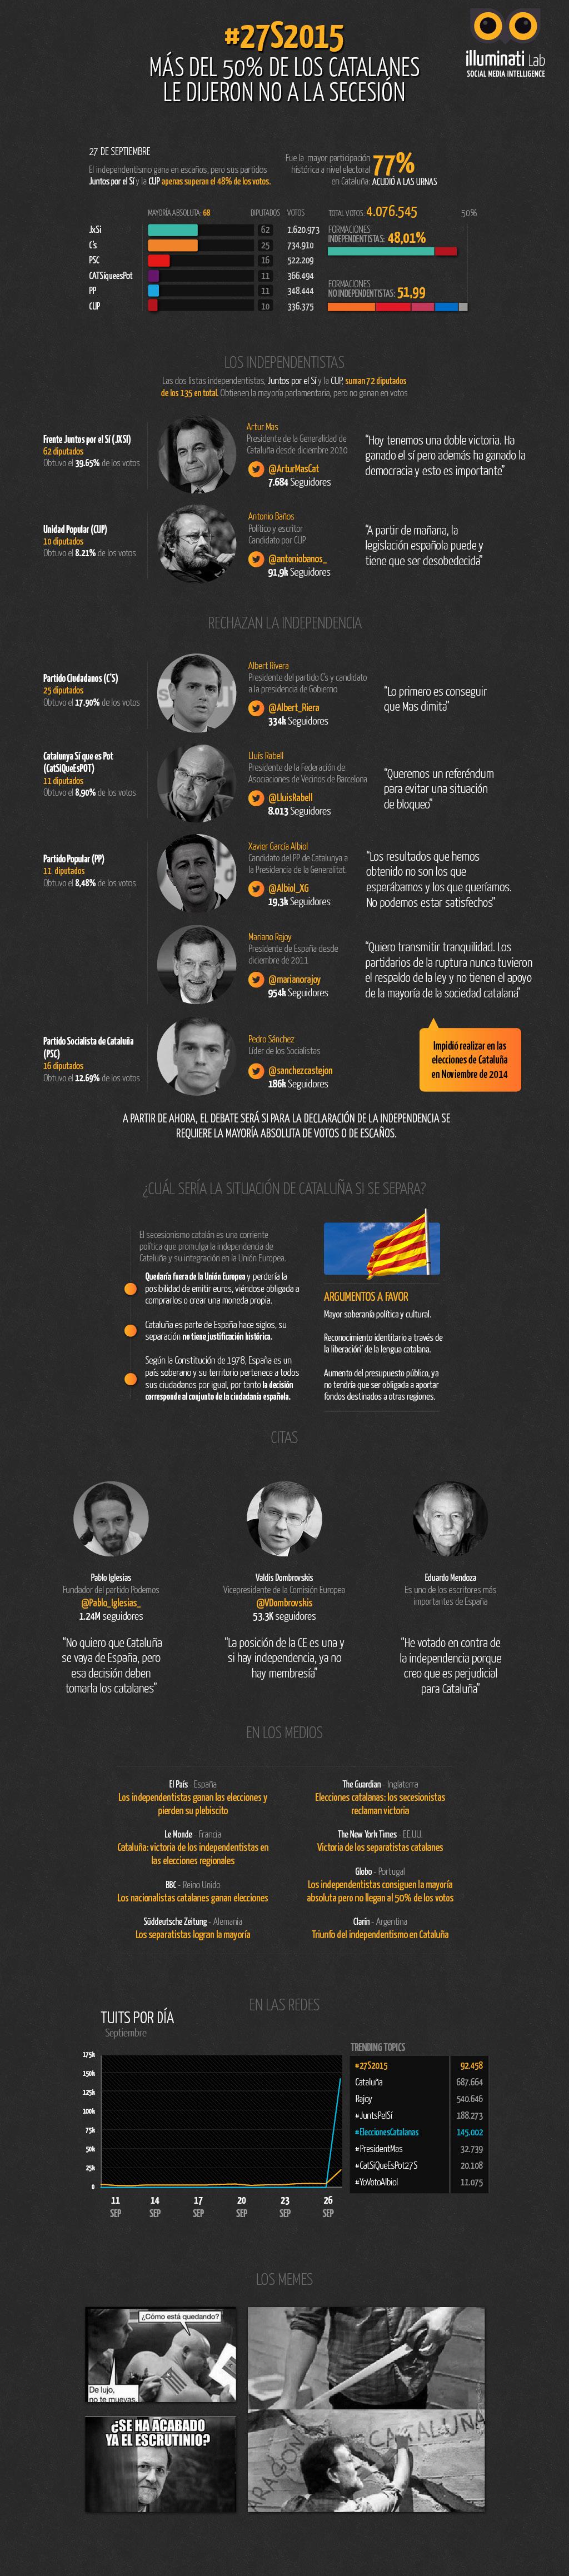 Infografía_-_Cataliña